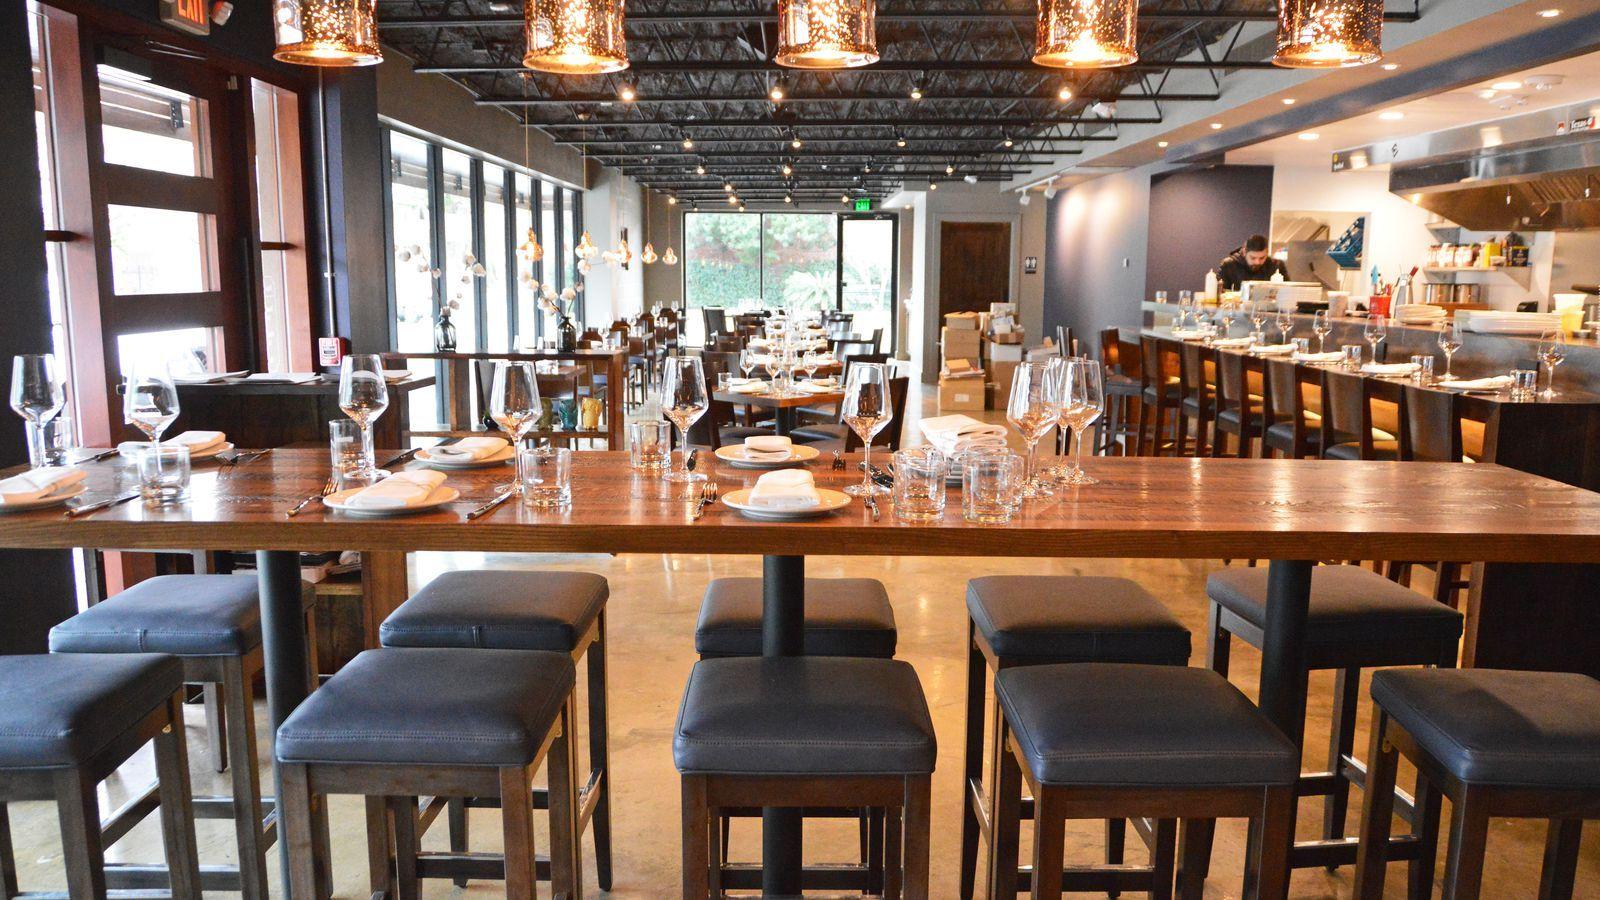 The Best Restaurants In Houston Summer 2019 Houston